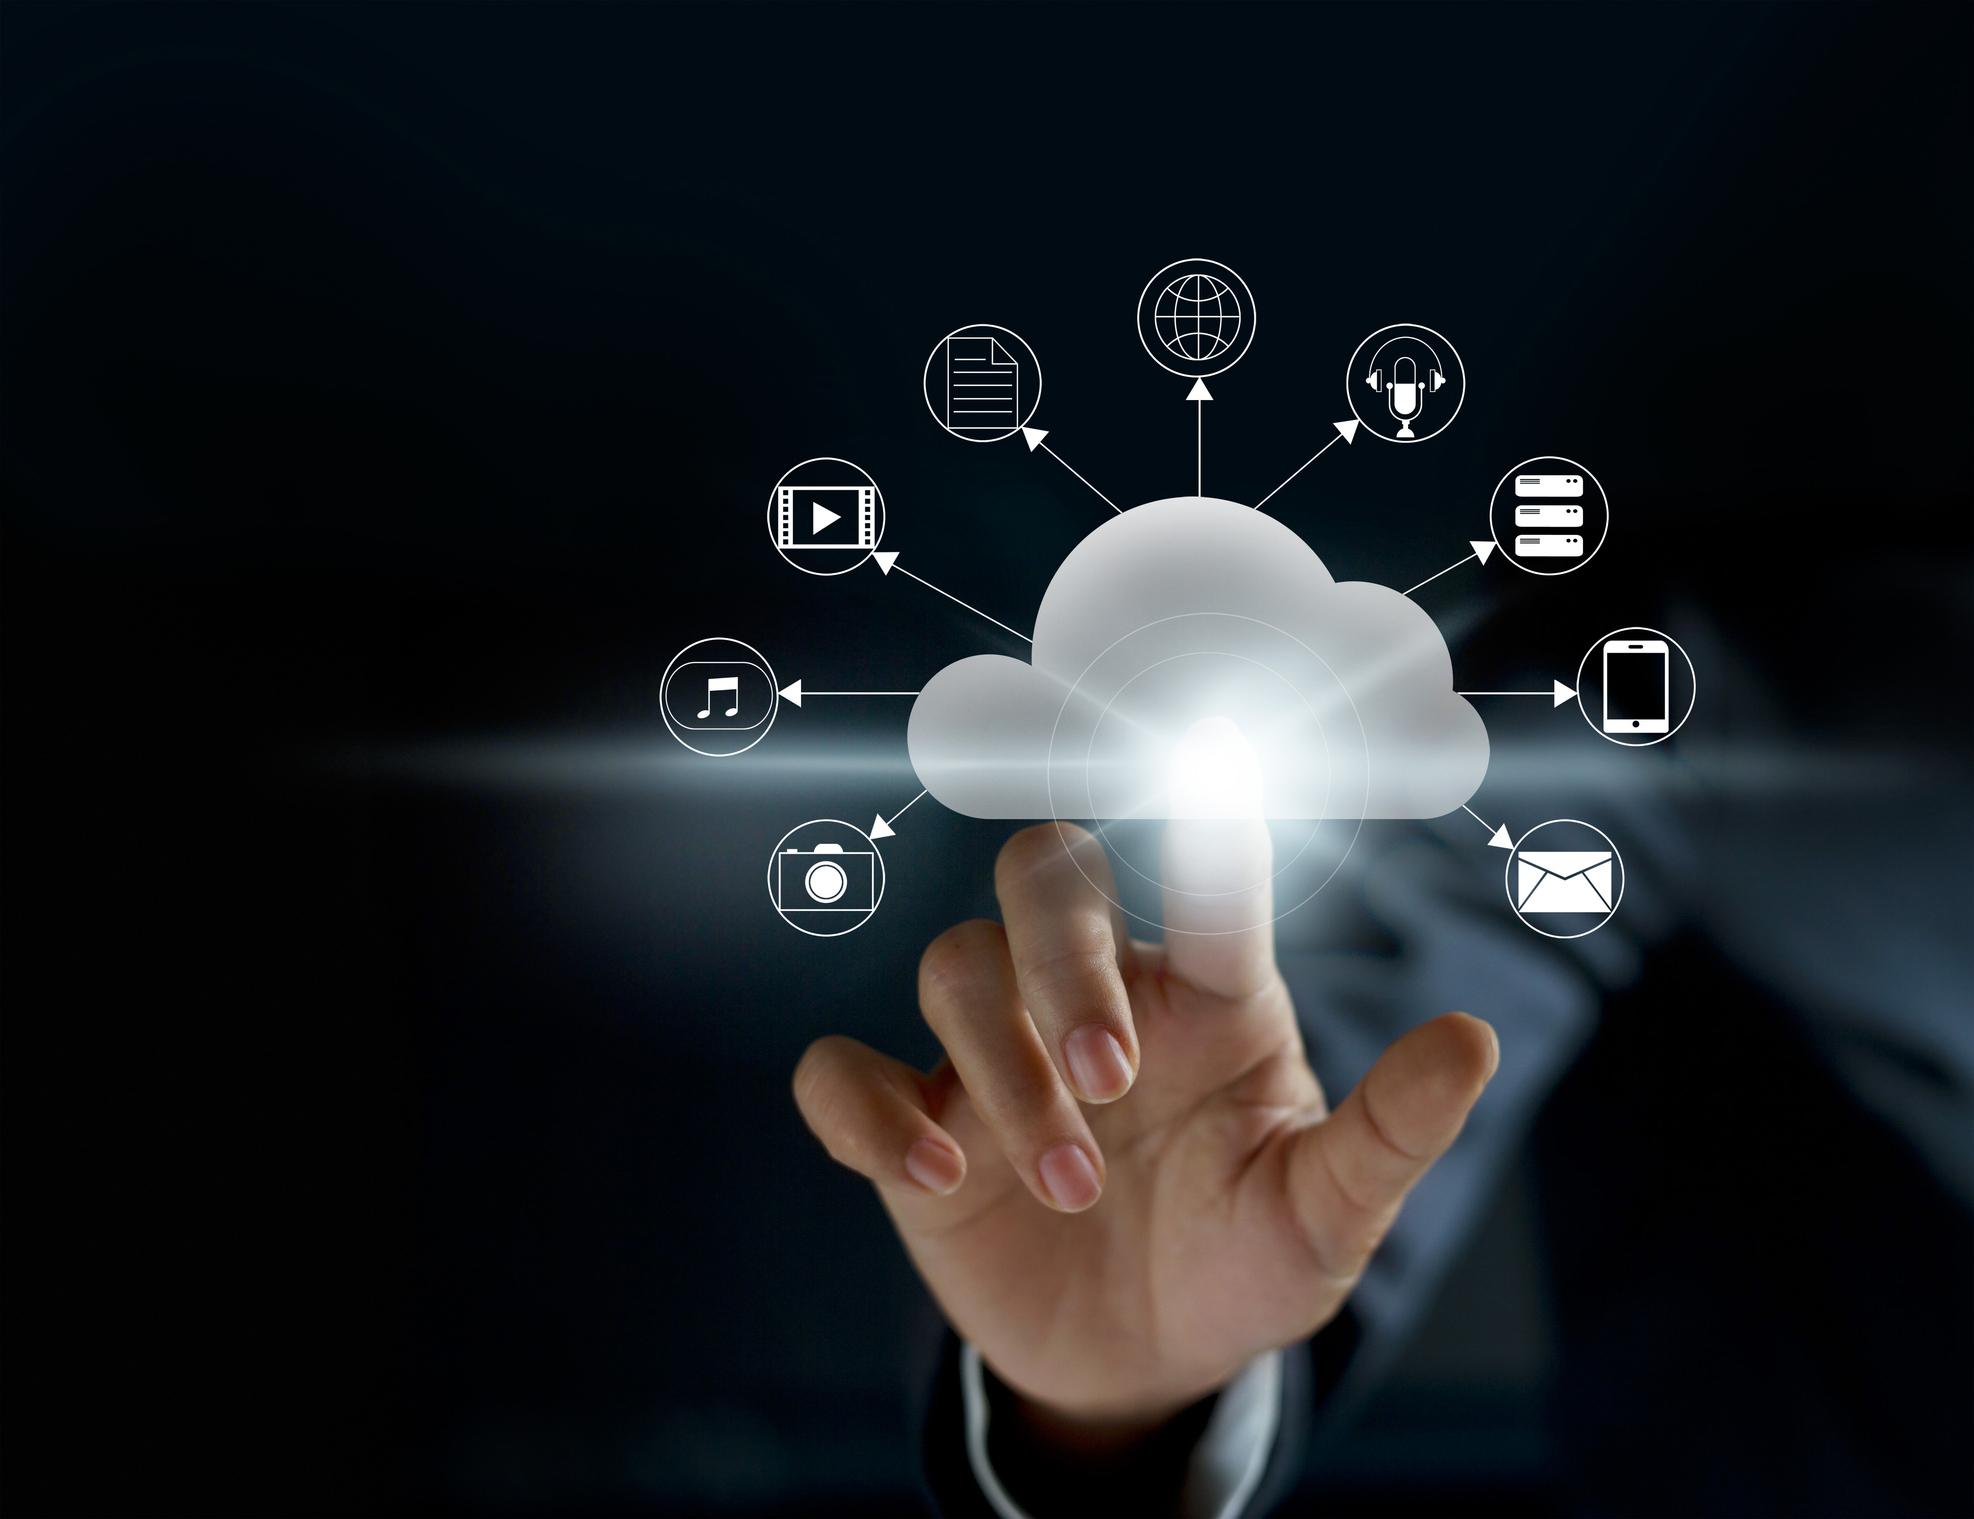 Investir em armazenamento de dados na nuvem é receita anticrise